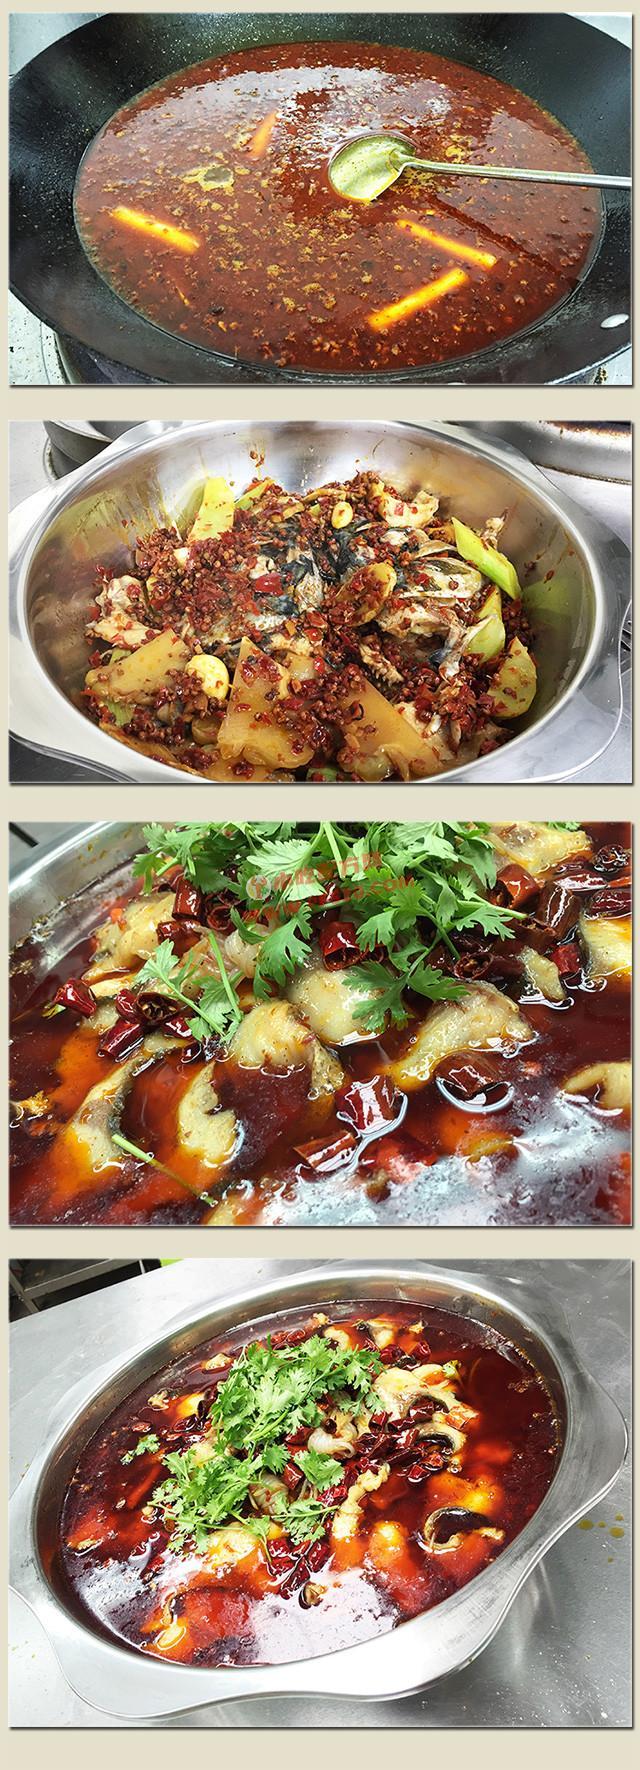 冷锅鱼的正宗做法和冷锅鱼底料炒制配方,技术教程视频大全 冷锅鱼 第4张